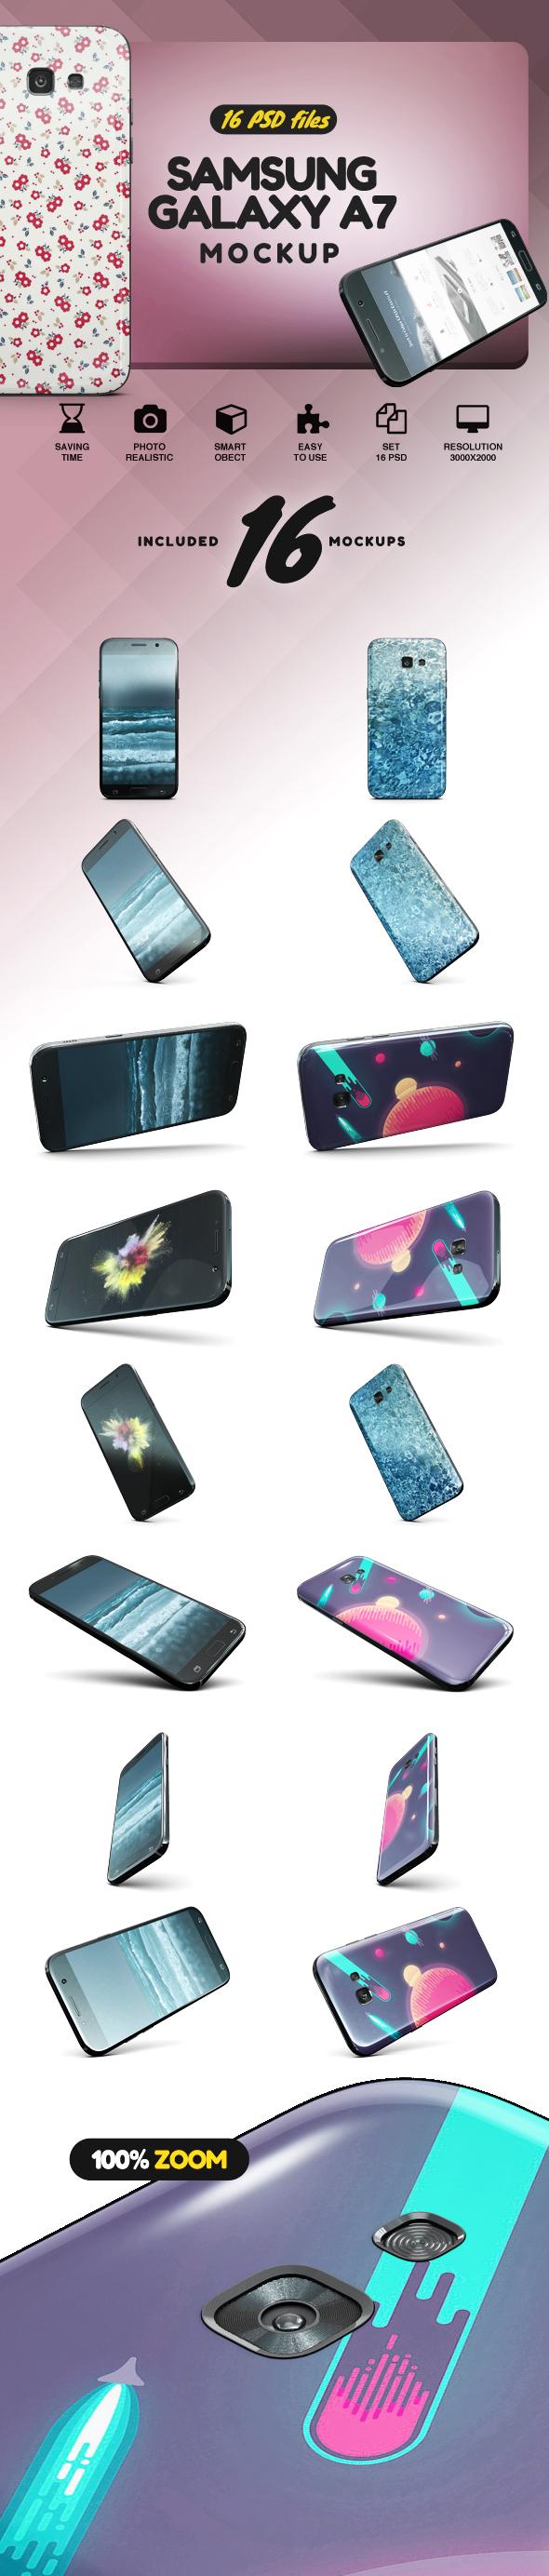 Samsung Galaxy A7 Mockup example image 2